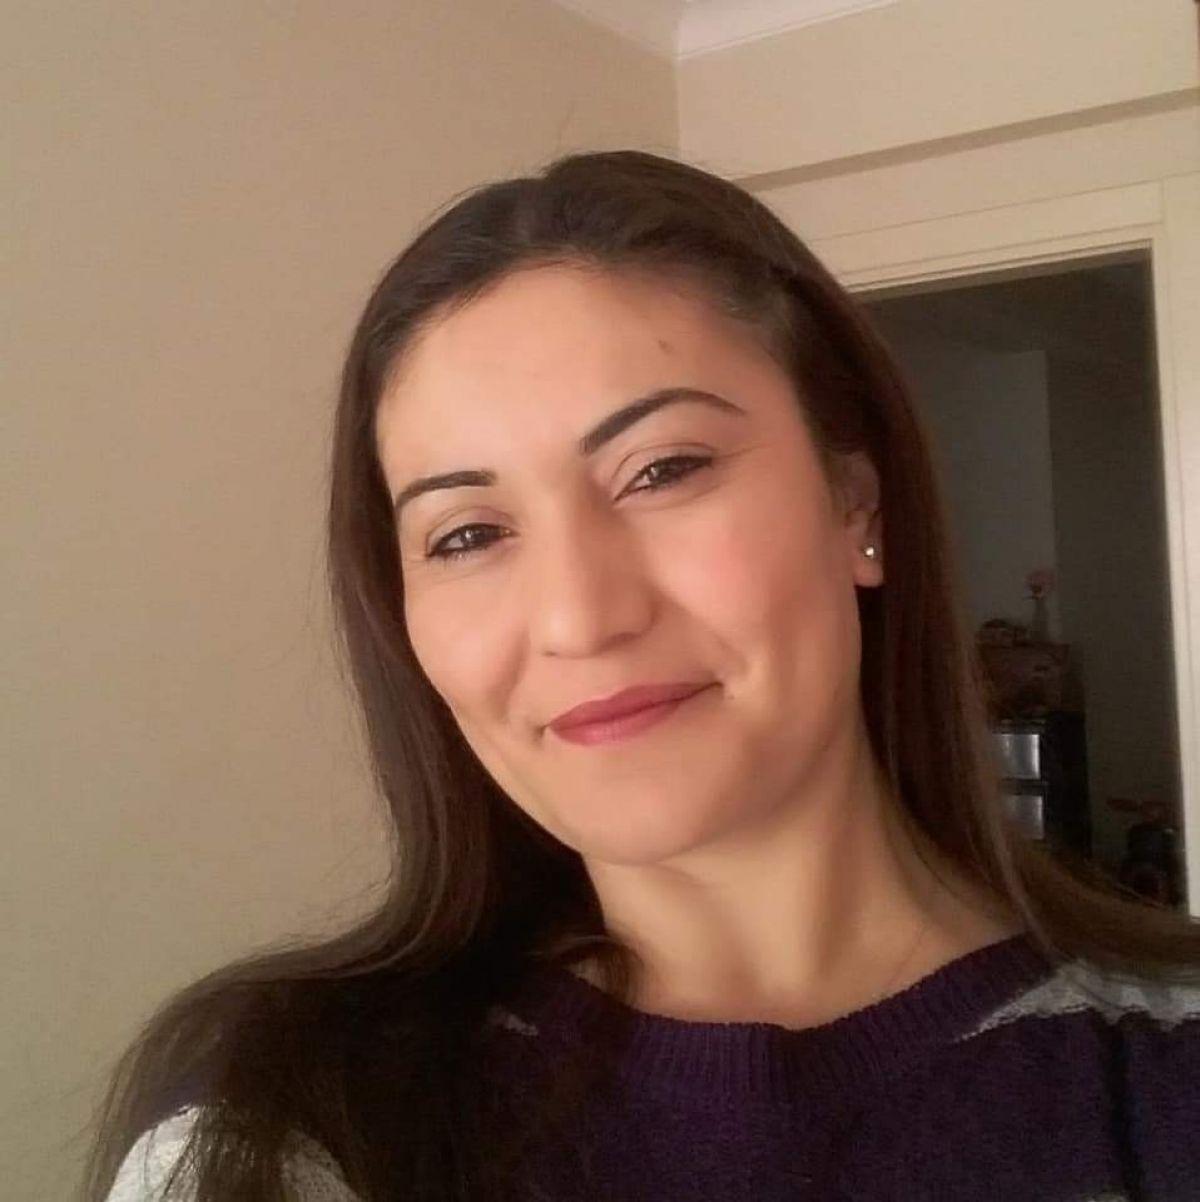 İzmir de sevgilisini boğazından keserek öldüren zanlı: Psikolojim bozuk #1